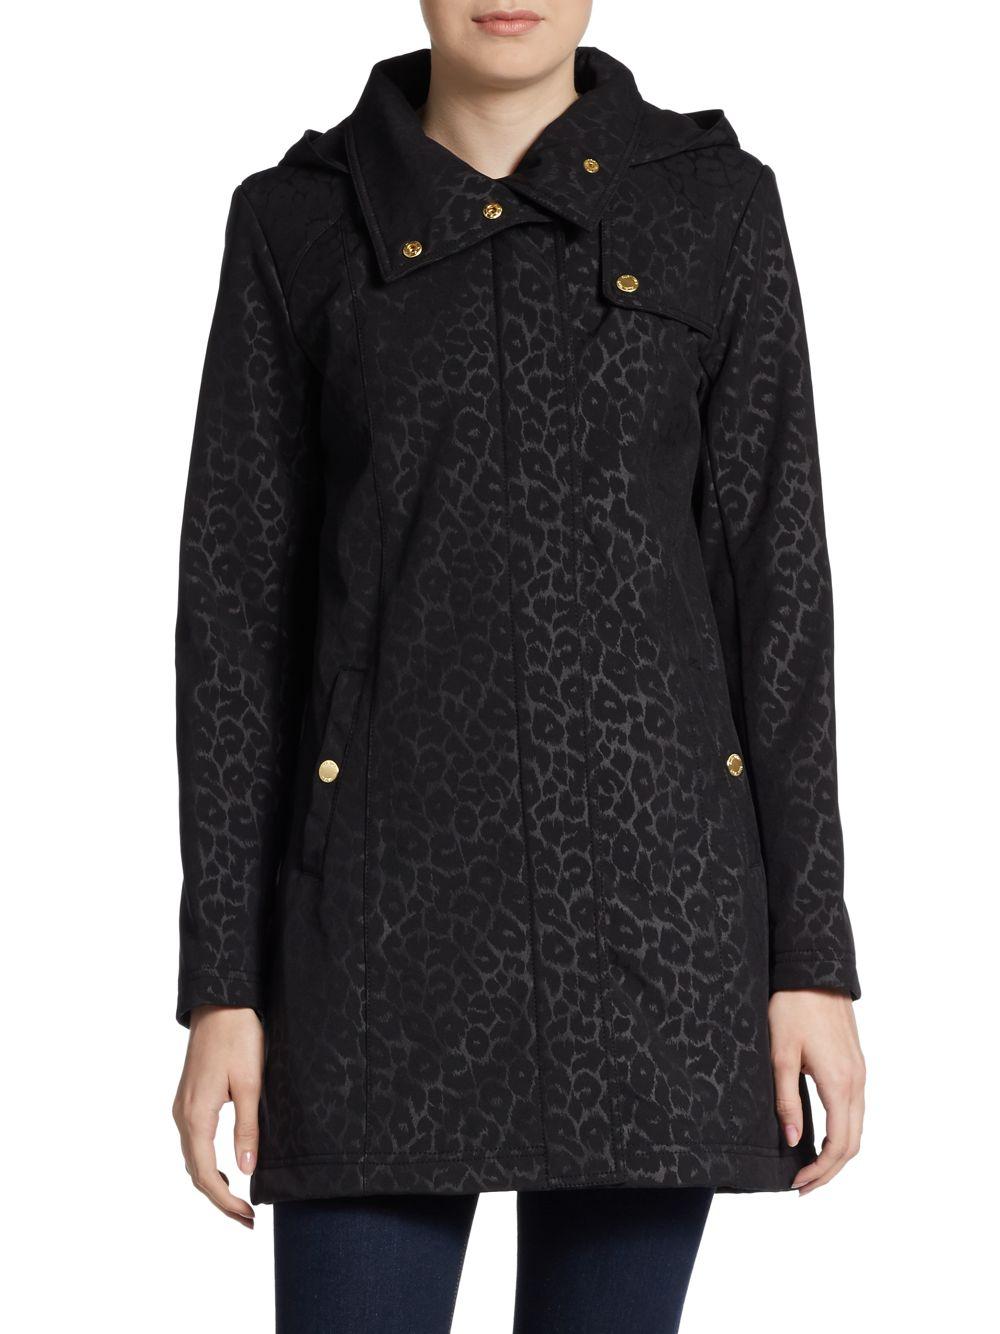 3e3b18b6e6a9 Ellen Tracy Leopard-Print Hooded A-Line Jacket in Black - Lyst